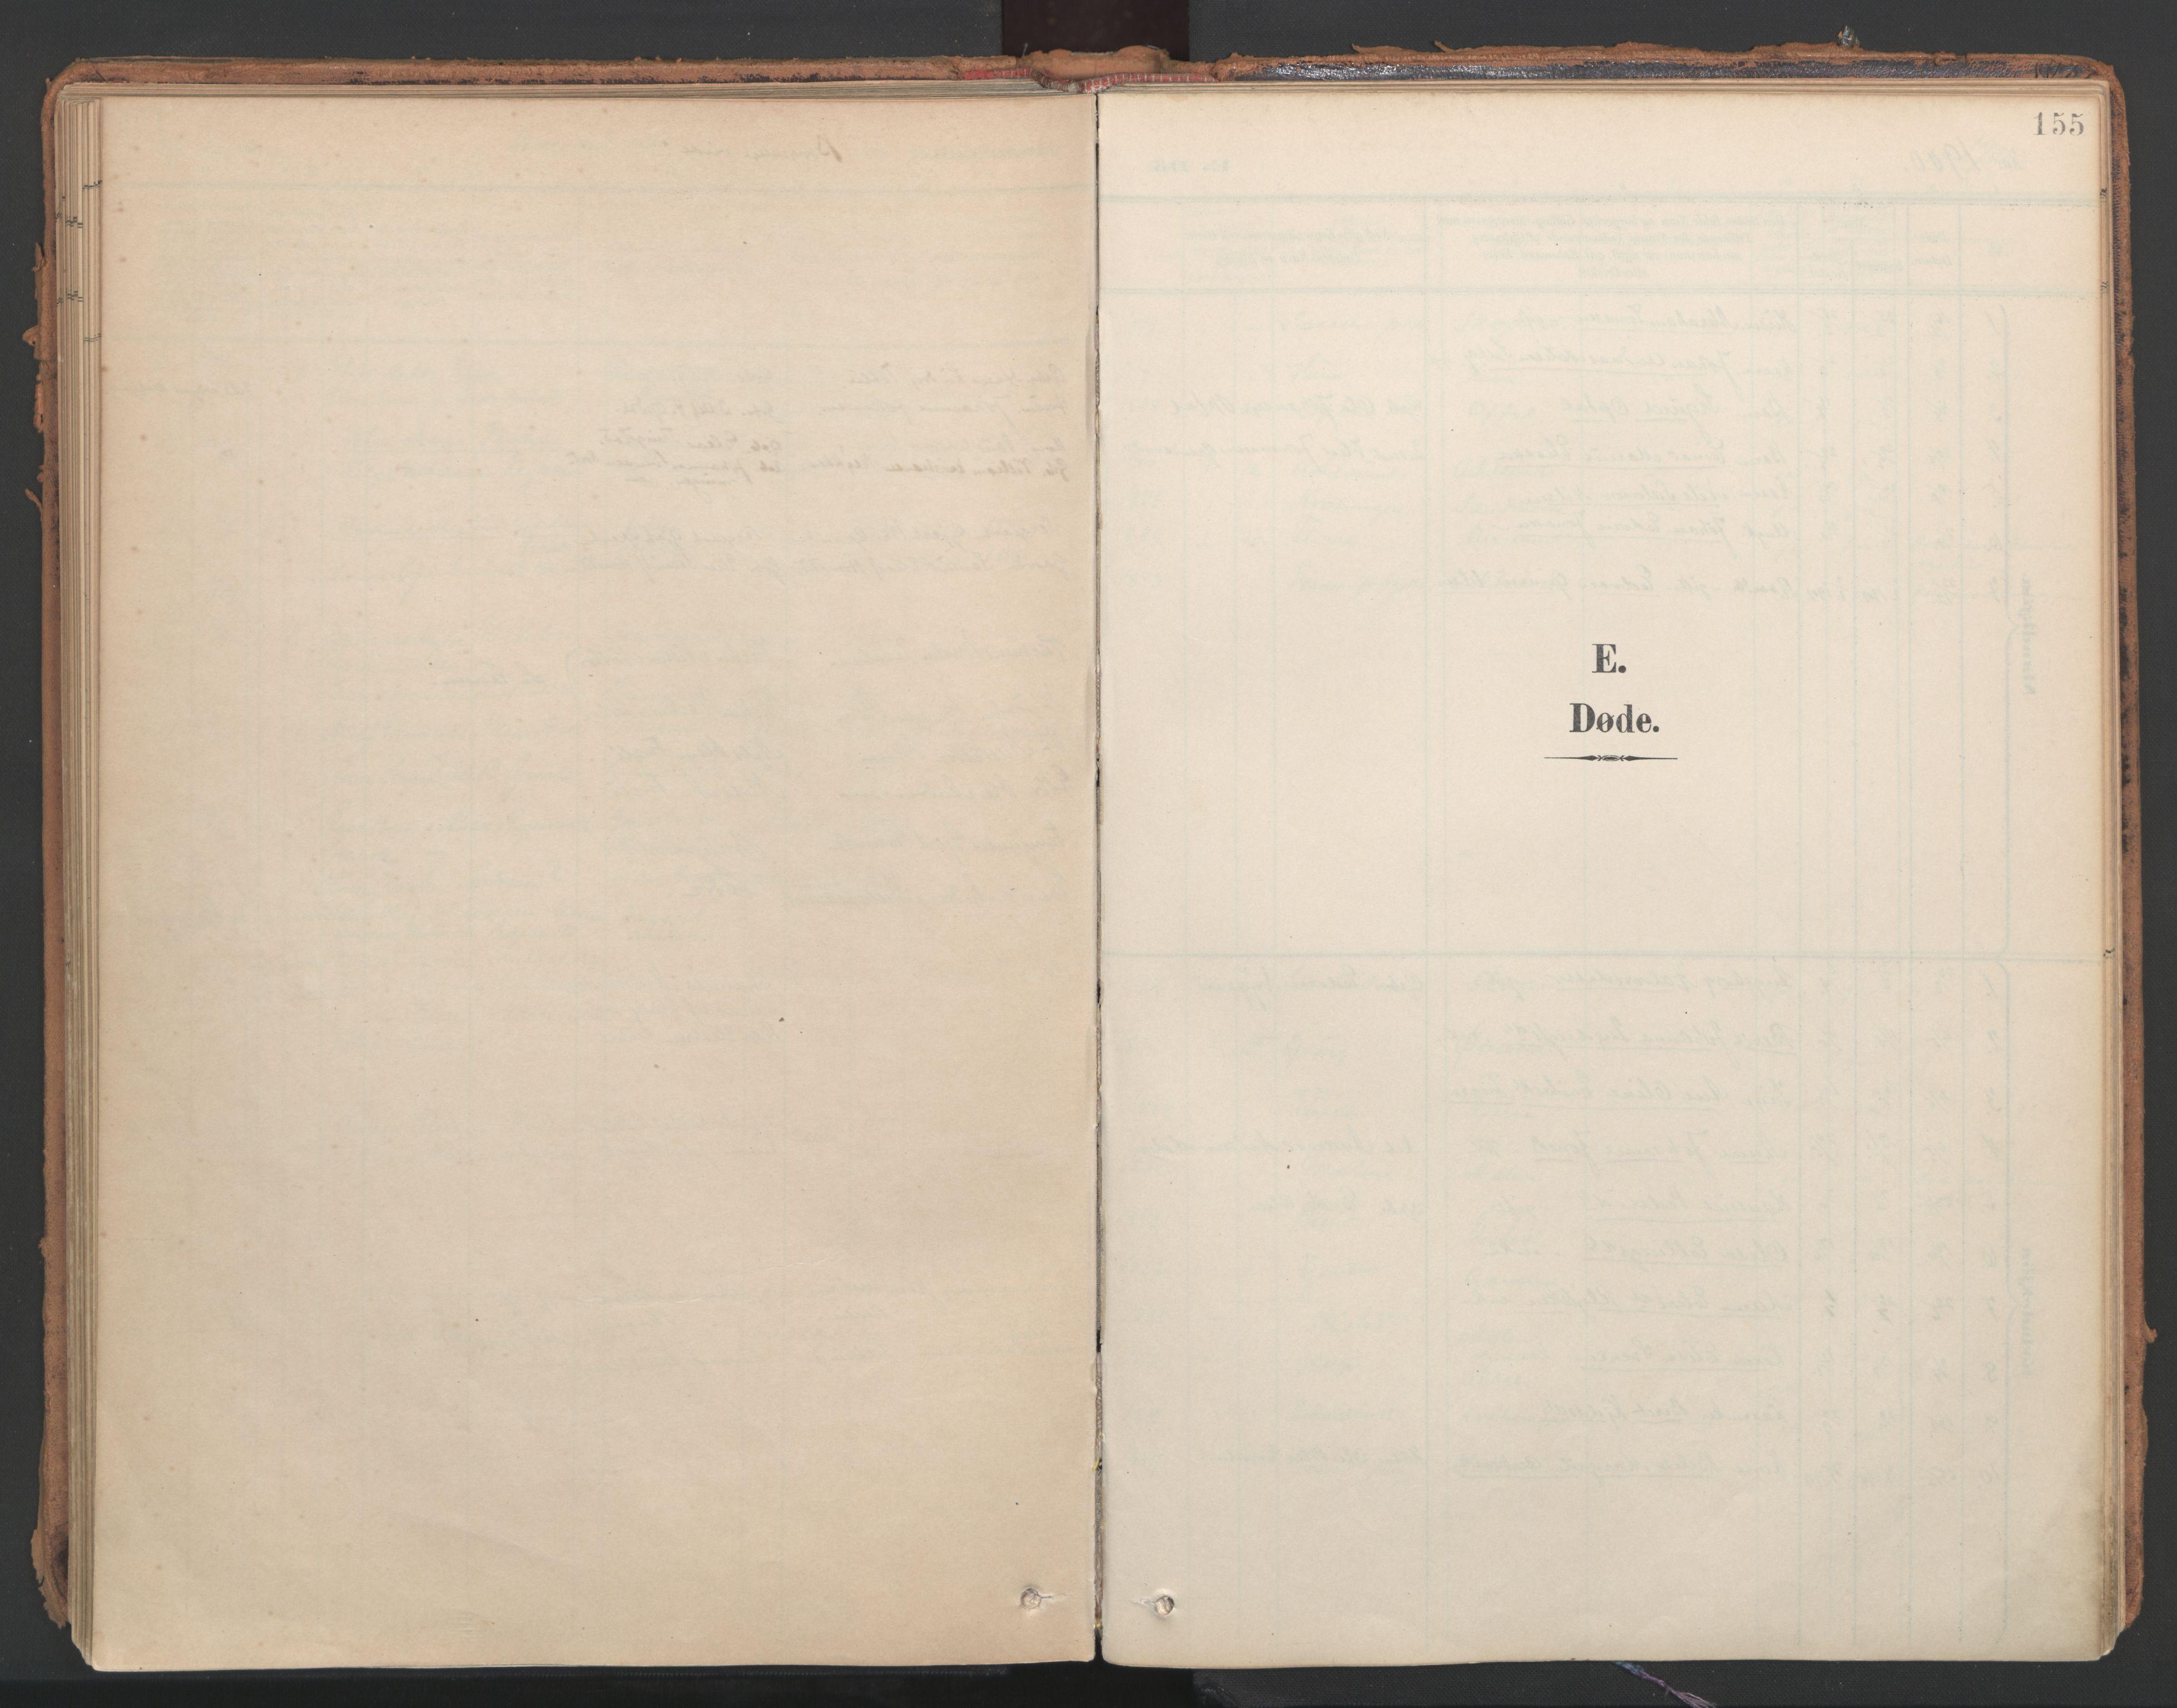 SAT, Ministerialprotokoller, klokkerbøker og fødselsregistre - Nord-Trøndelag, 766/L0564: Ministerialbok nr. 767A02, 1900-1932, s. 155